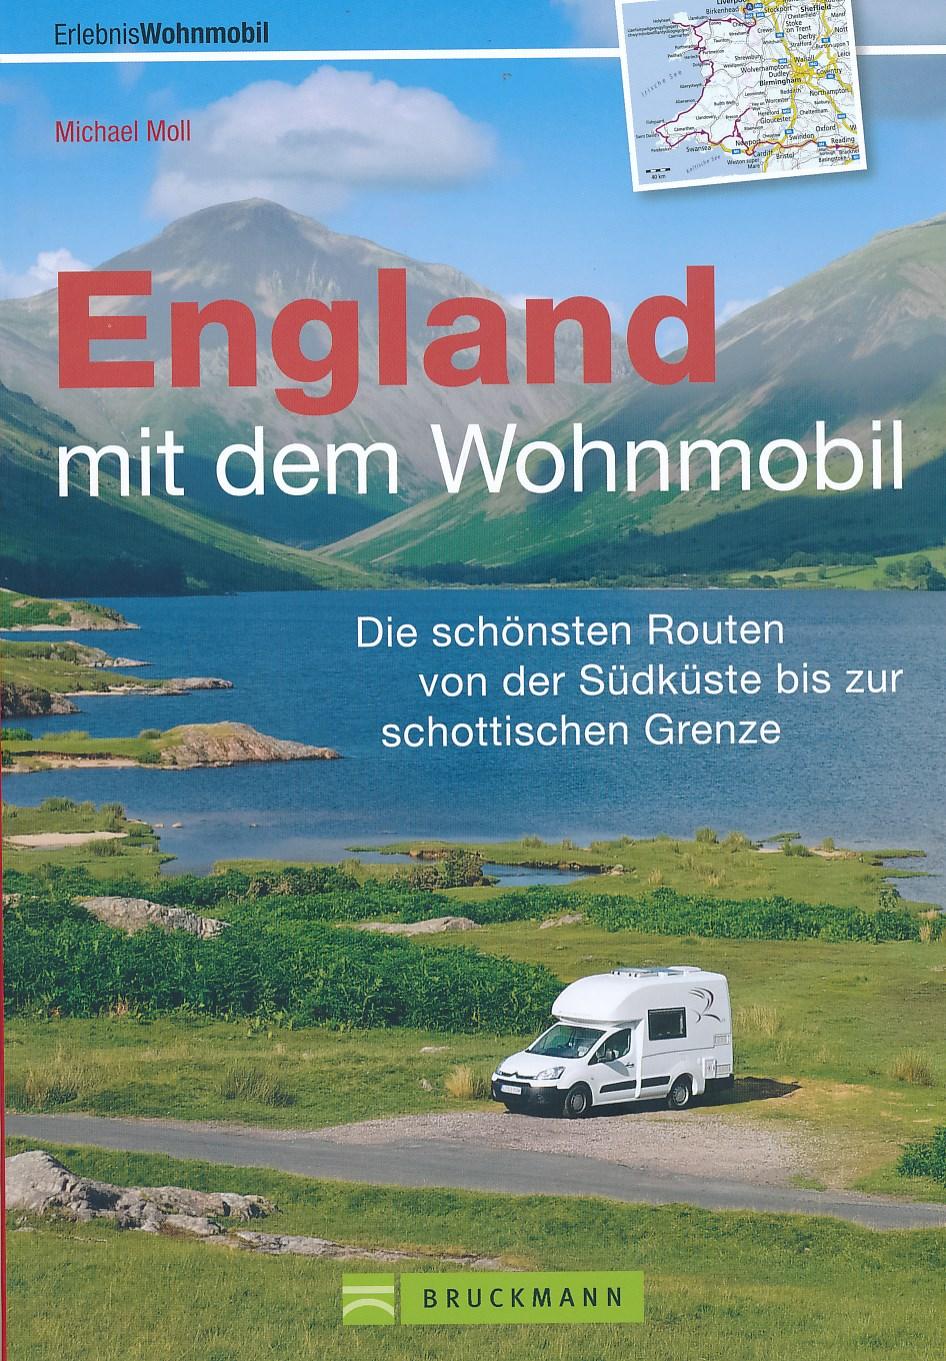 Campergids Mit dem Wohnmobil England | Bruckmann